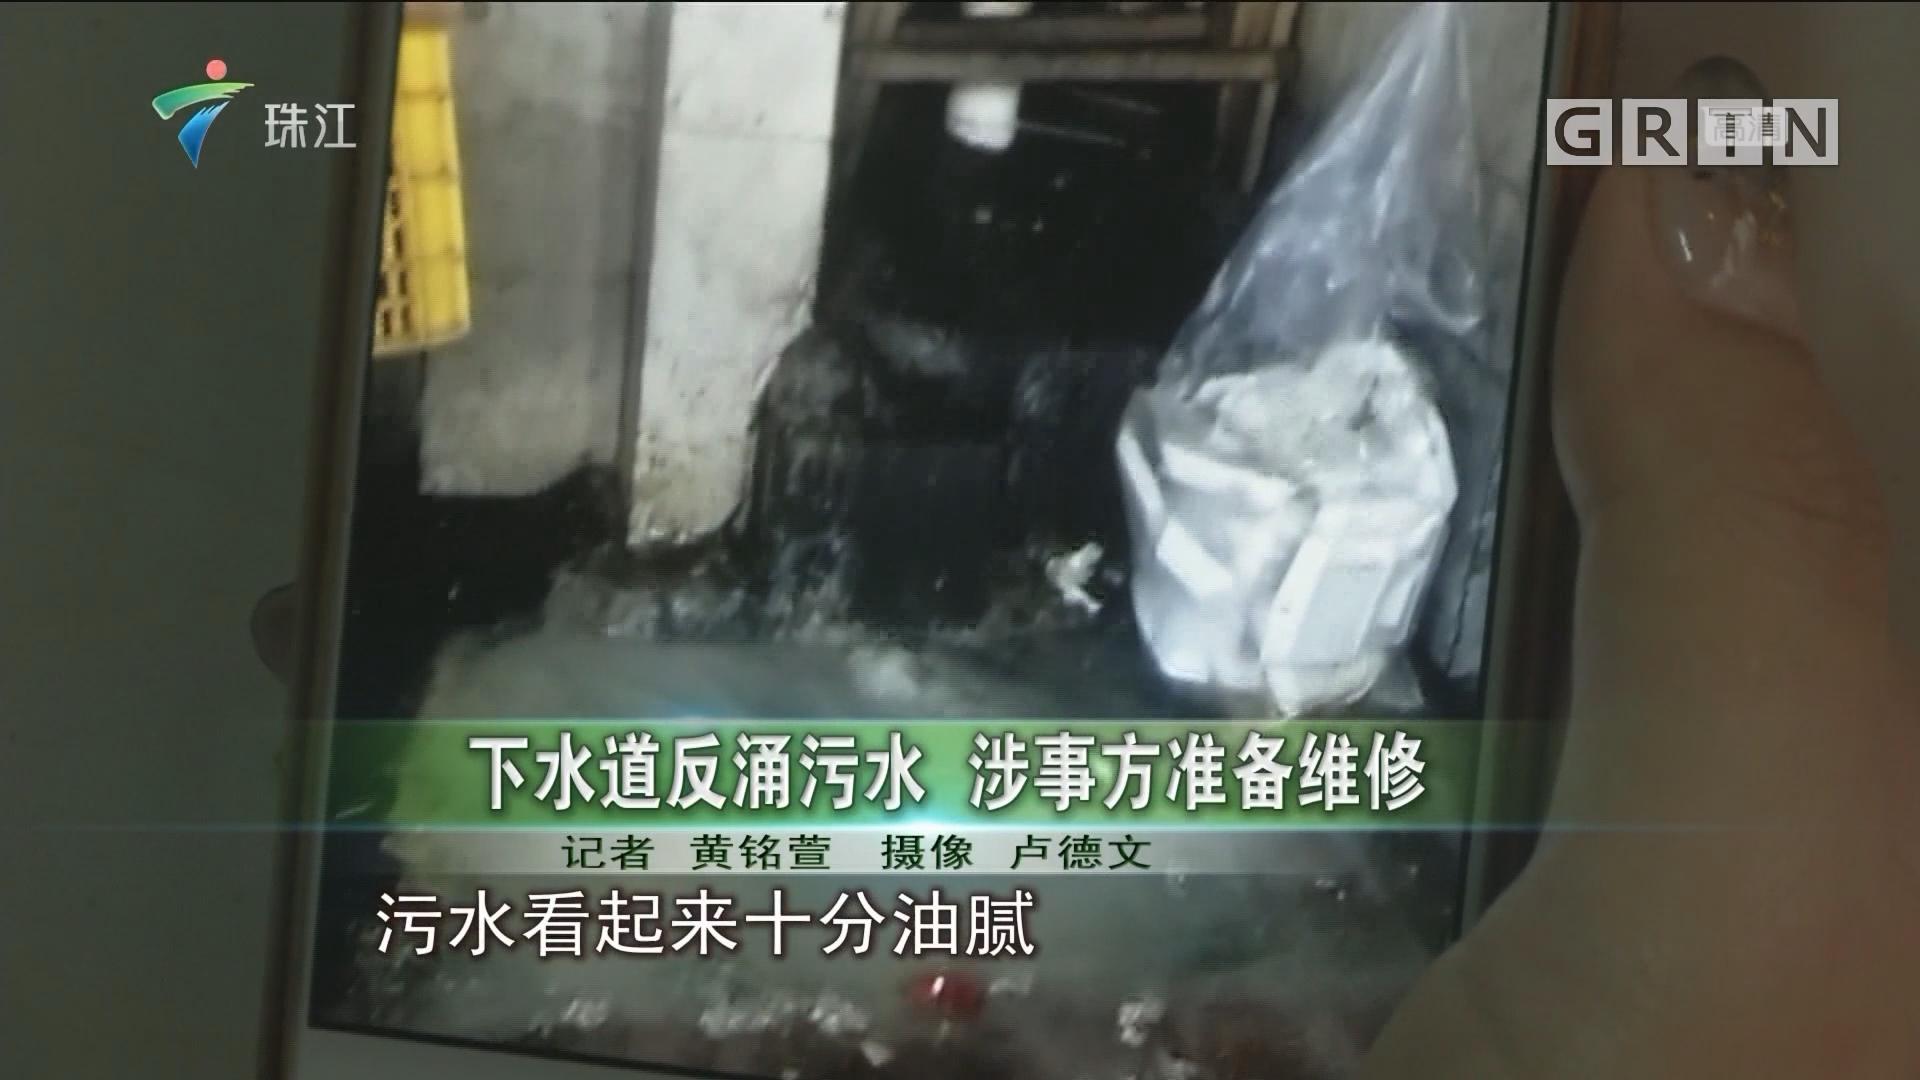 下水道反涌污水 涉事方准备维修